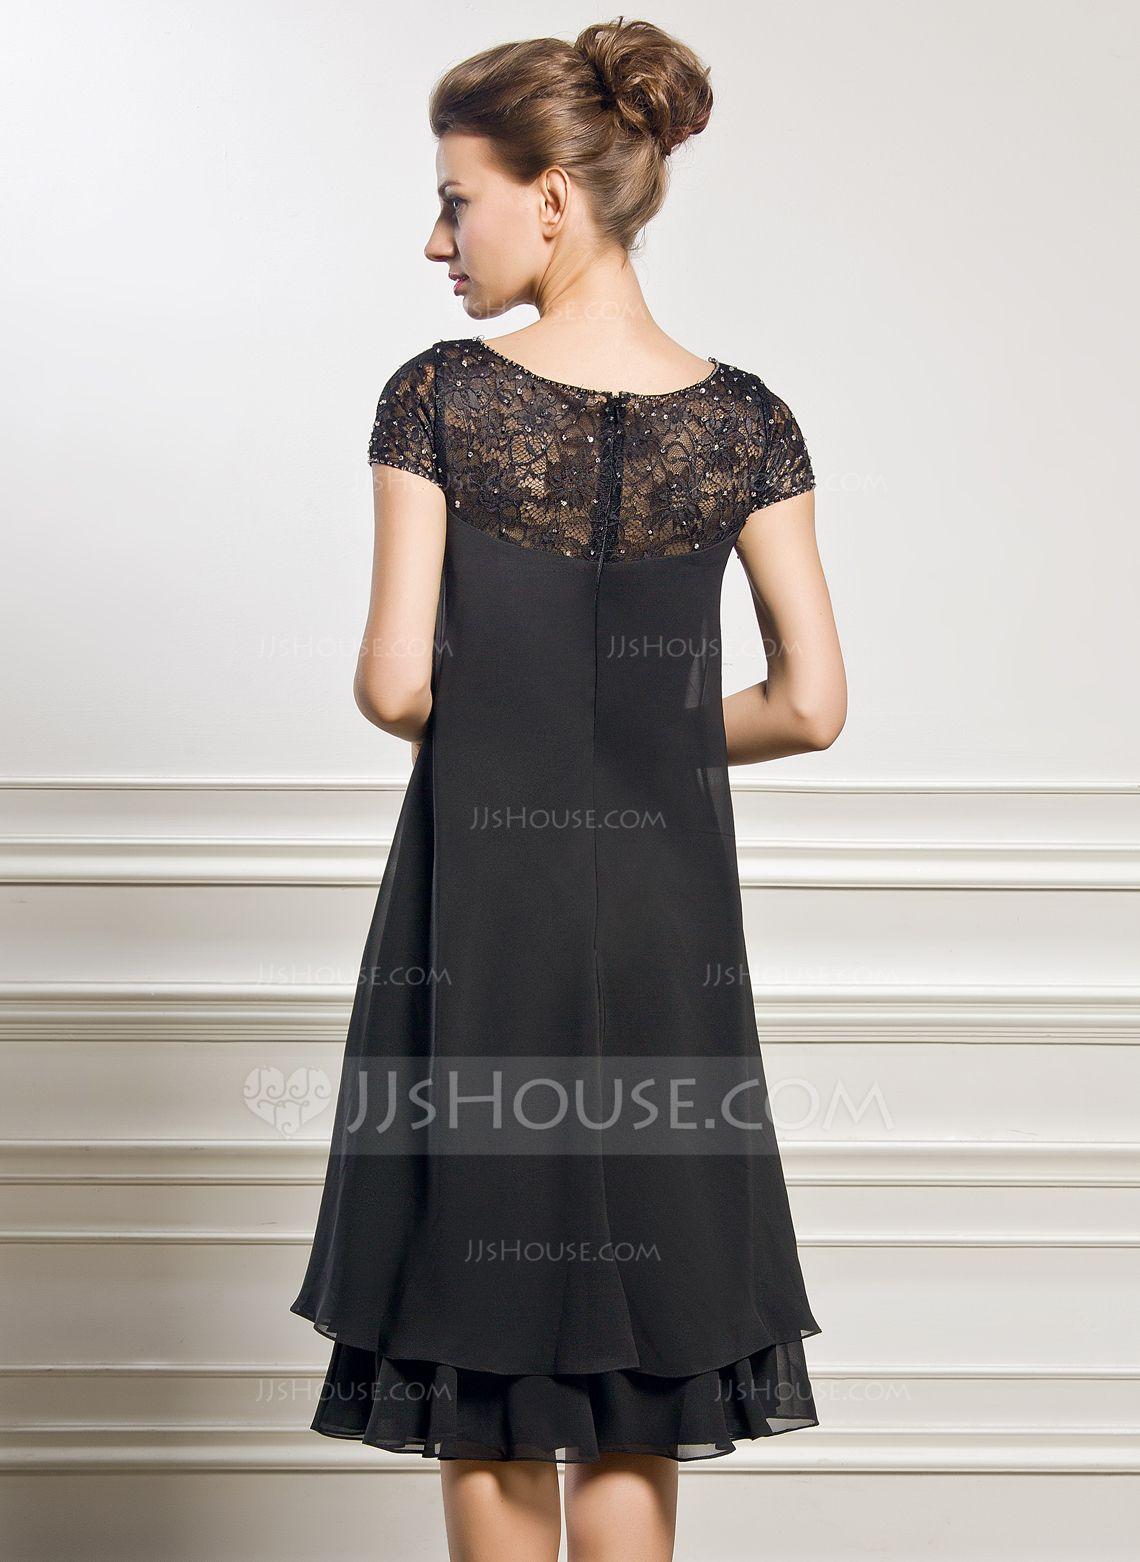 56117a366628 JJsHouse, världens ledande online-återförsäljare, erbjuder ett stort utbud  av bröllopsklänningar, bröllopsfestklänningar, klänningar för speciella ...